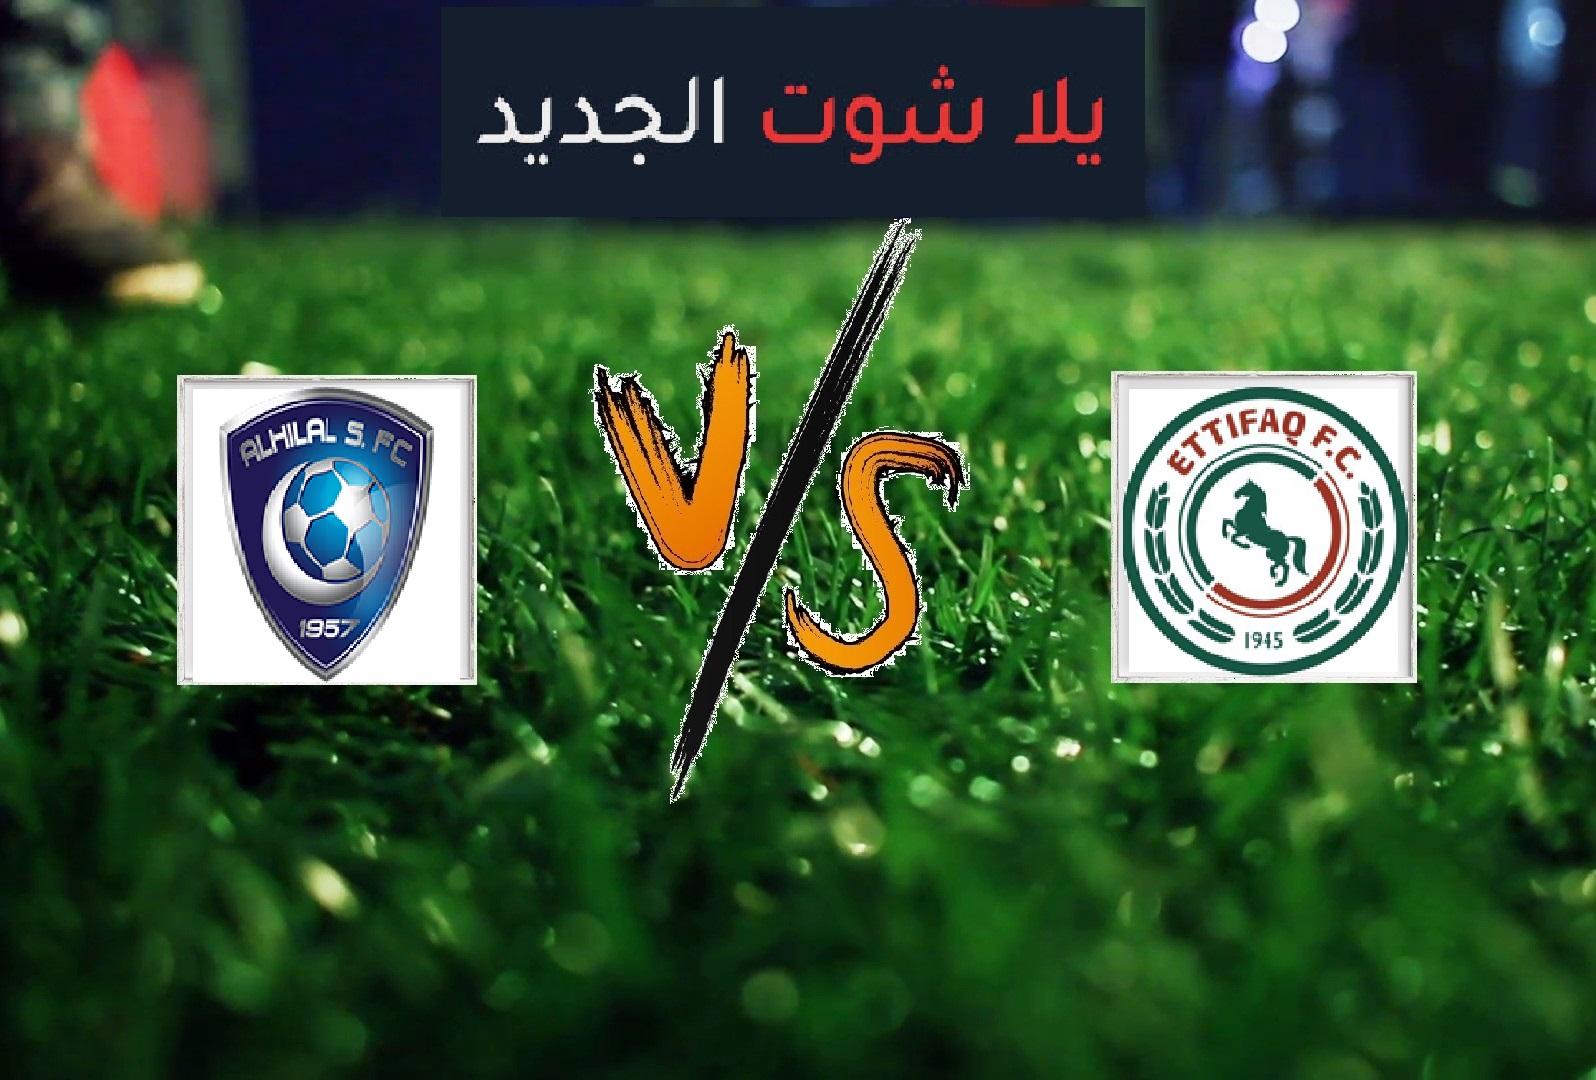 الهلال يفوز على الاتفاق بهدف دون رد في الجولة الـ29 من بطولة الدوري المصري